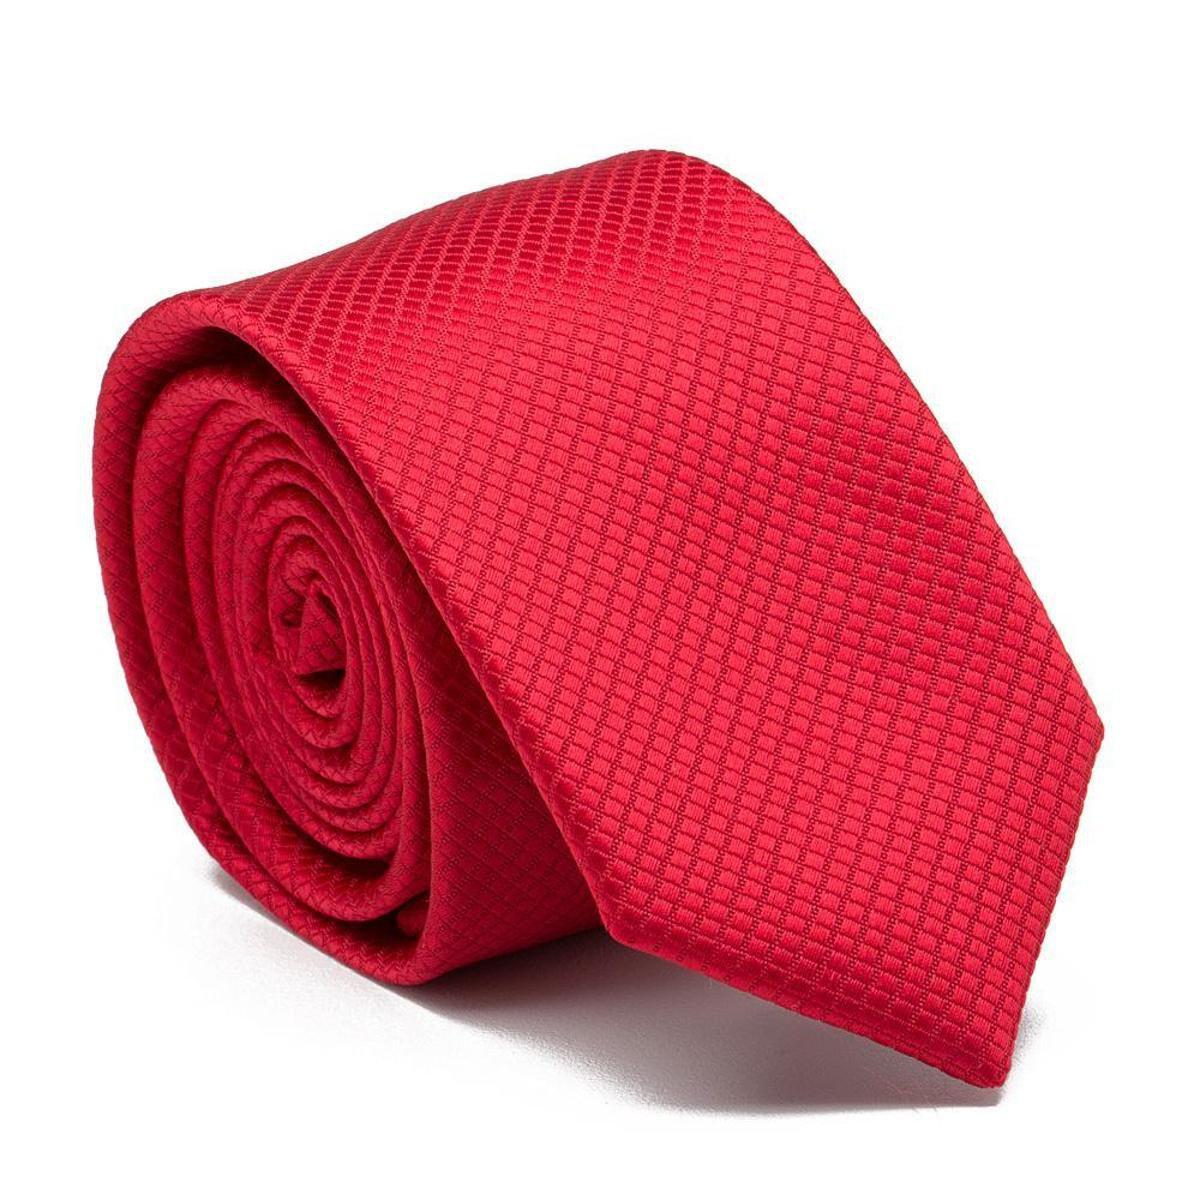 Gravata Slim Red Key - Poliéster premium